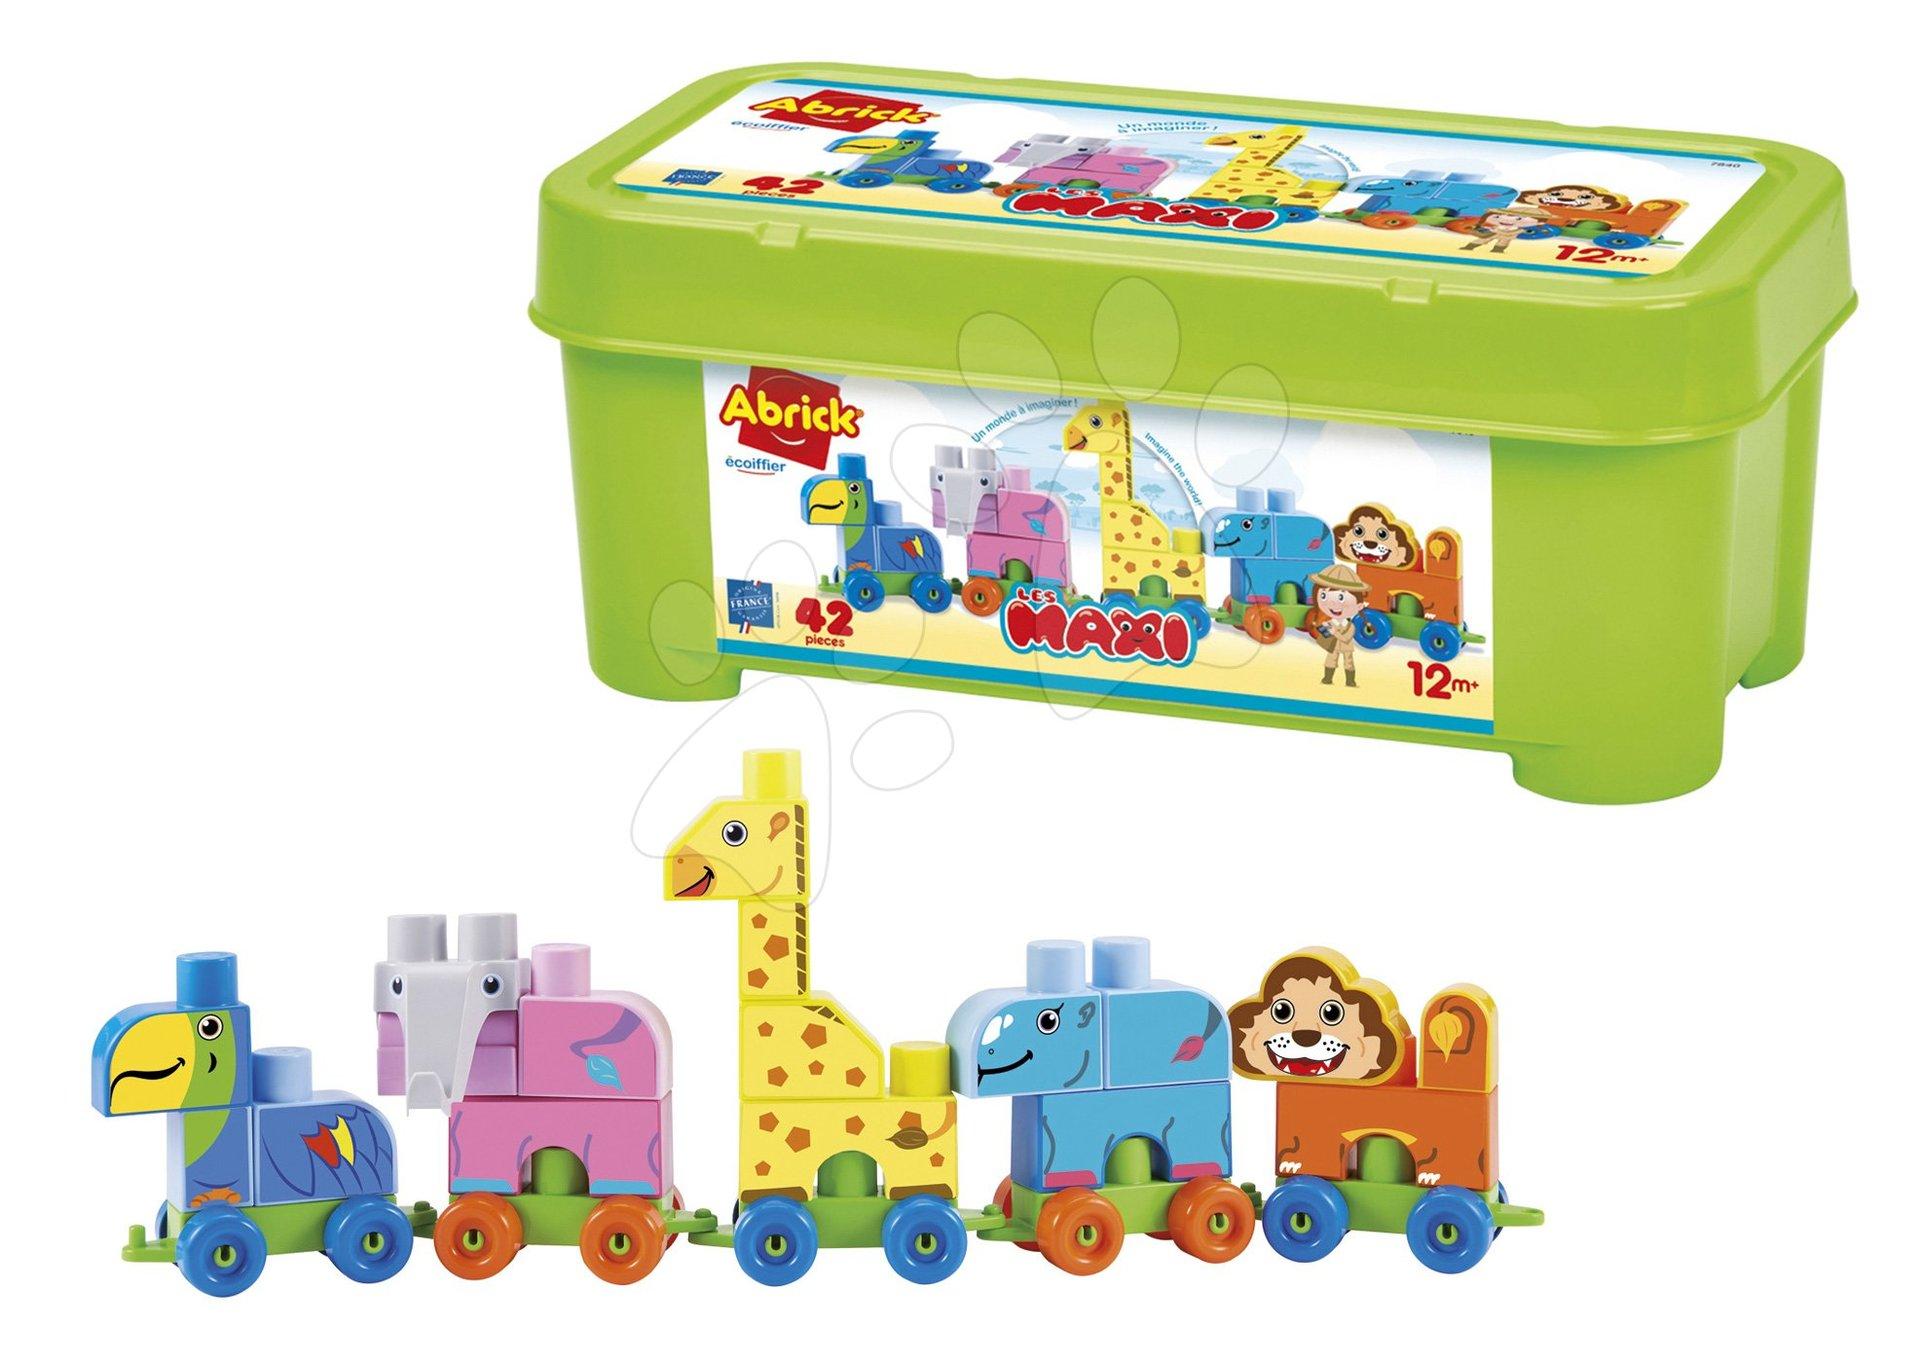 Stavebnice v dóze Les Maxi Abrick Écoiffier Zvířátka vlak na kolečkách od 12 měsíců